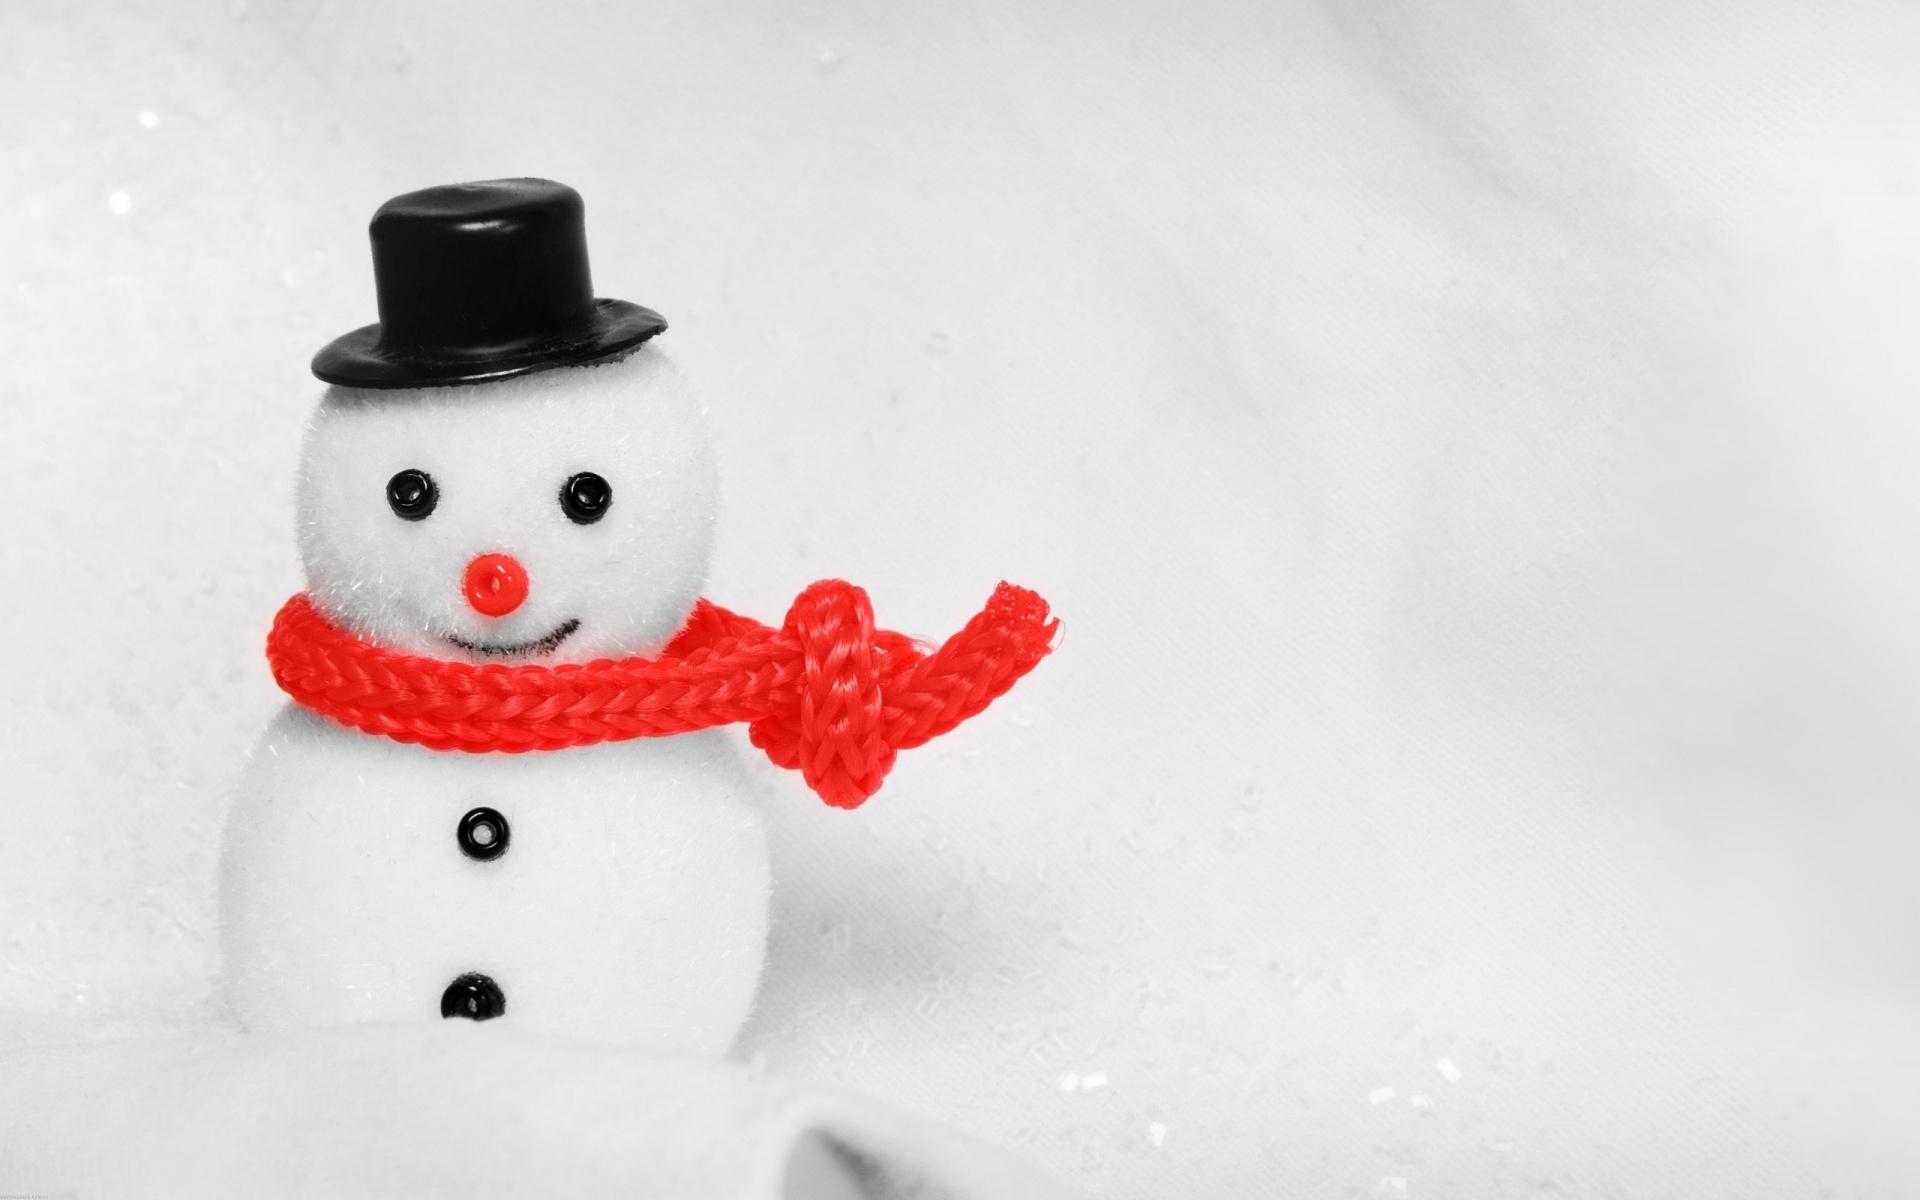 маленькие снеговики картинки перламутру причисляют